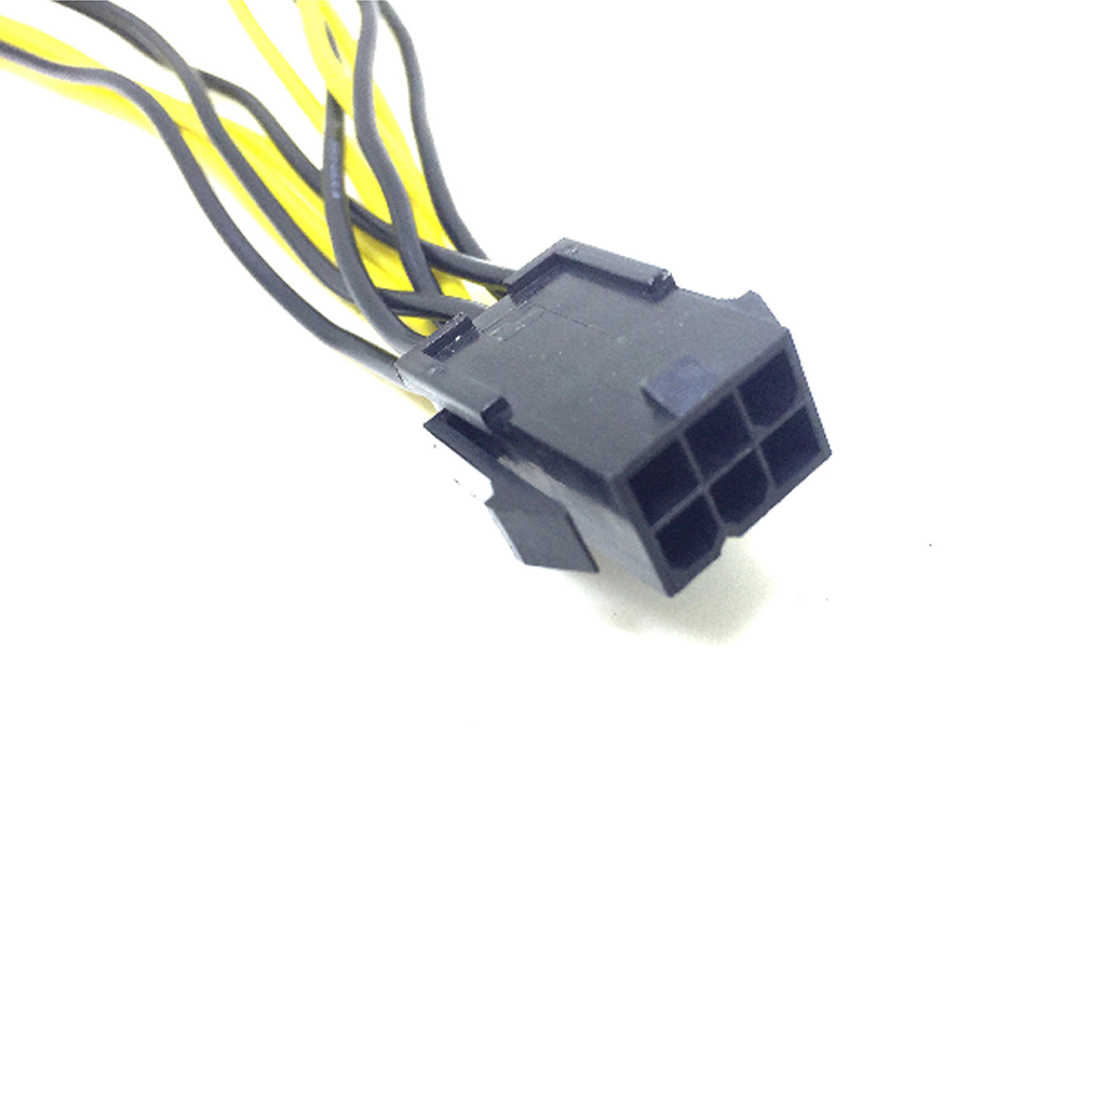 Marsnaska 6-pin pcie pci express ل 2x8 (6 + 2) دبوس اللوحة رسومات الفيديو بطاقة pci-e gpu vga الخائن كابل الطاقة